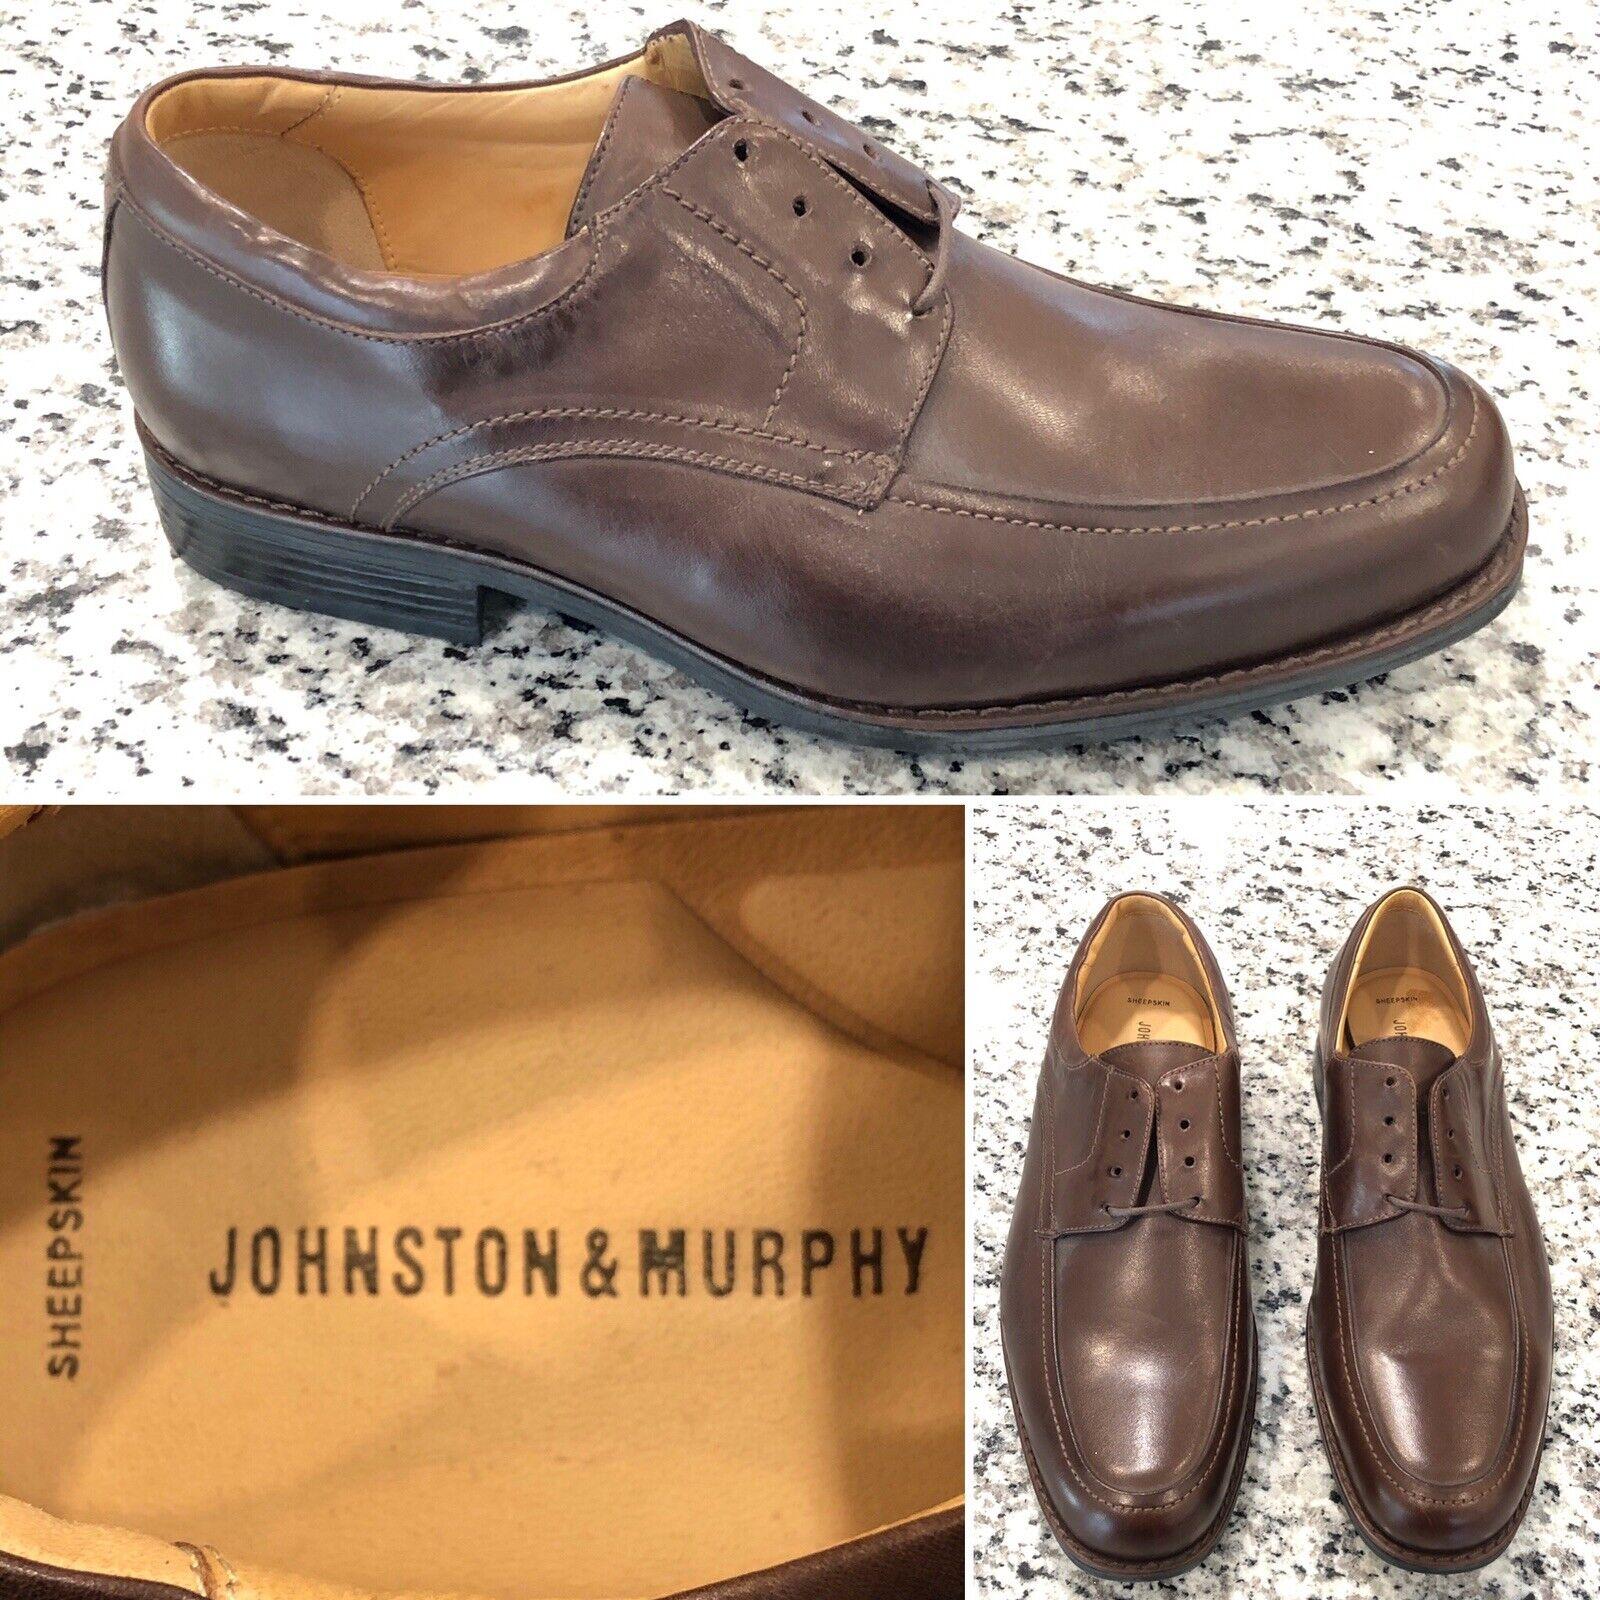 negozio di moda in vendita NEW JOHNSTON &MURPHY Uomo Sz 9.5M 9.5M 9.5M Marrone Leather scarpe Sheep Skin Insoles 20-7430  protezione post-vendita